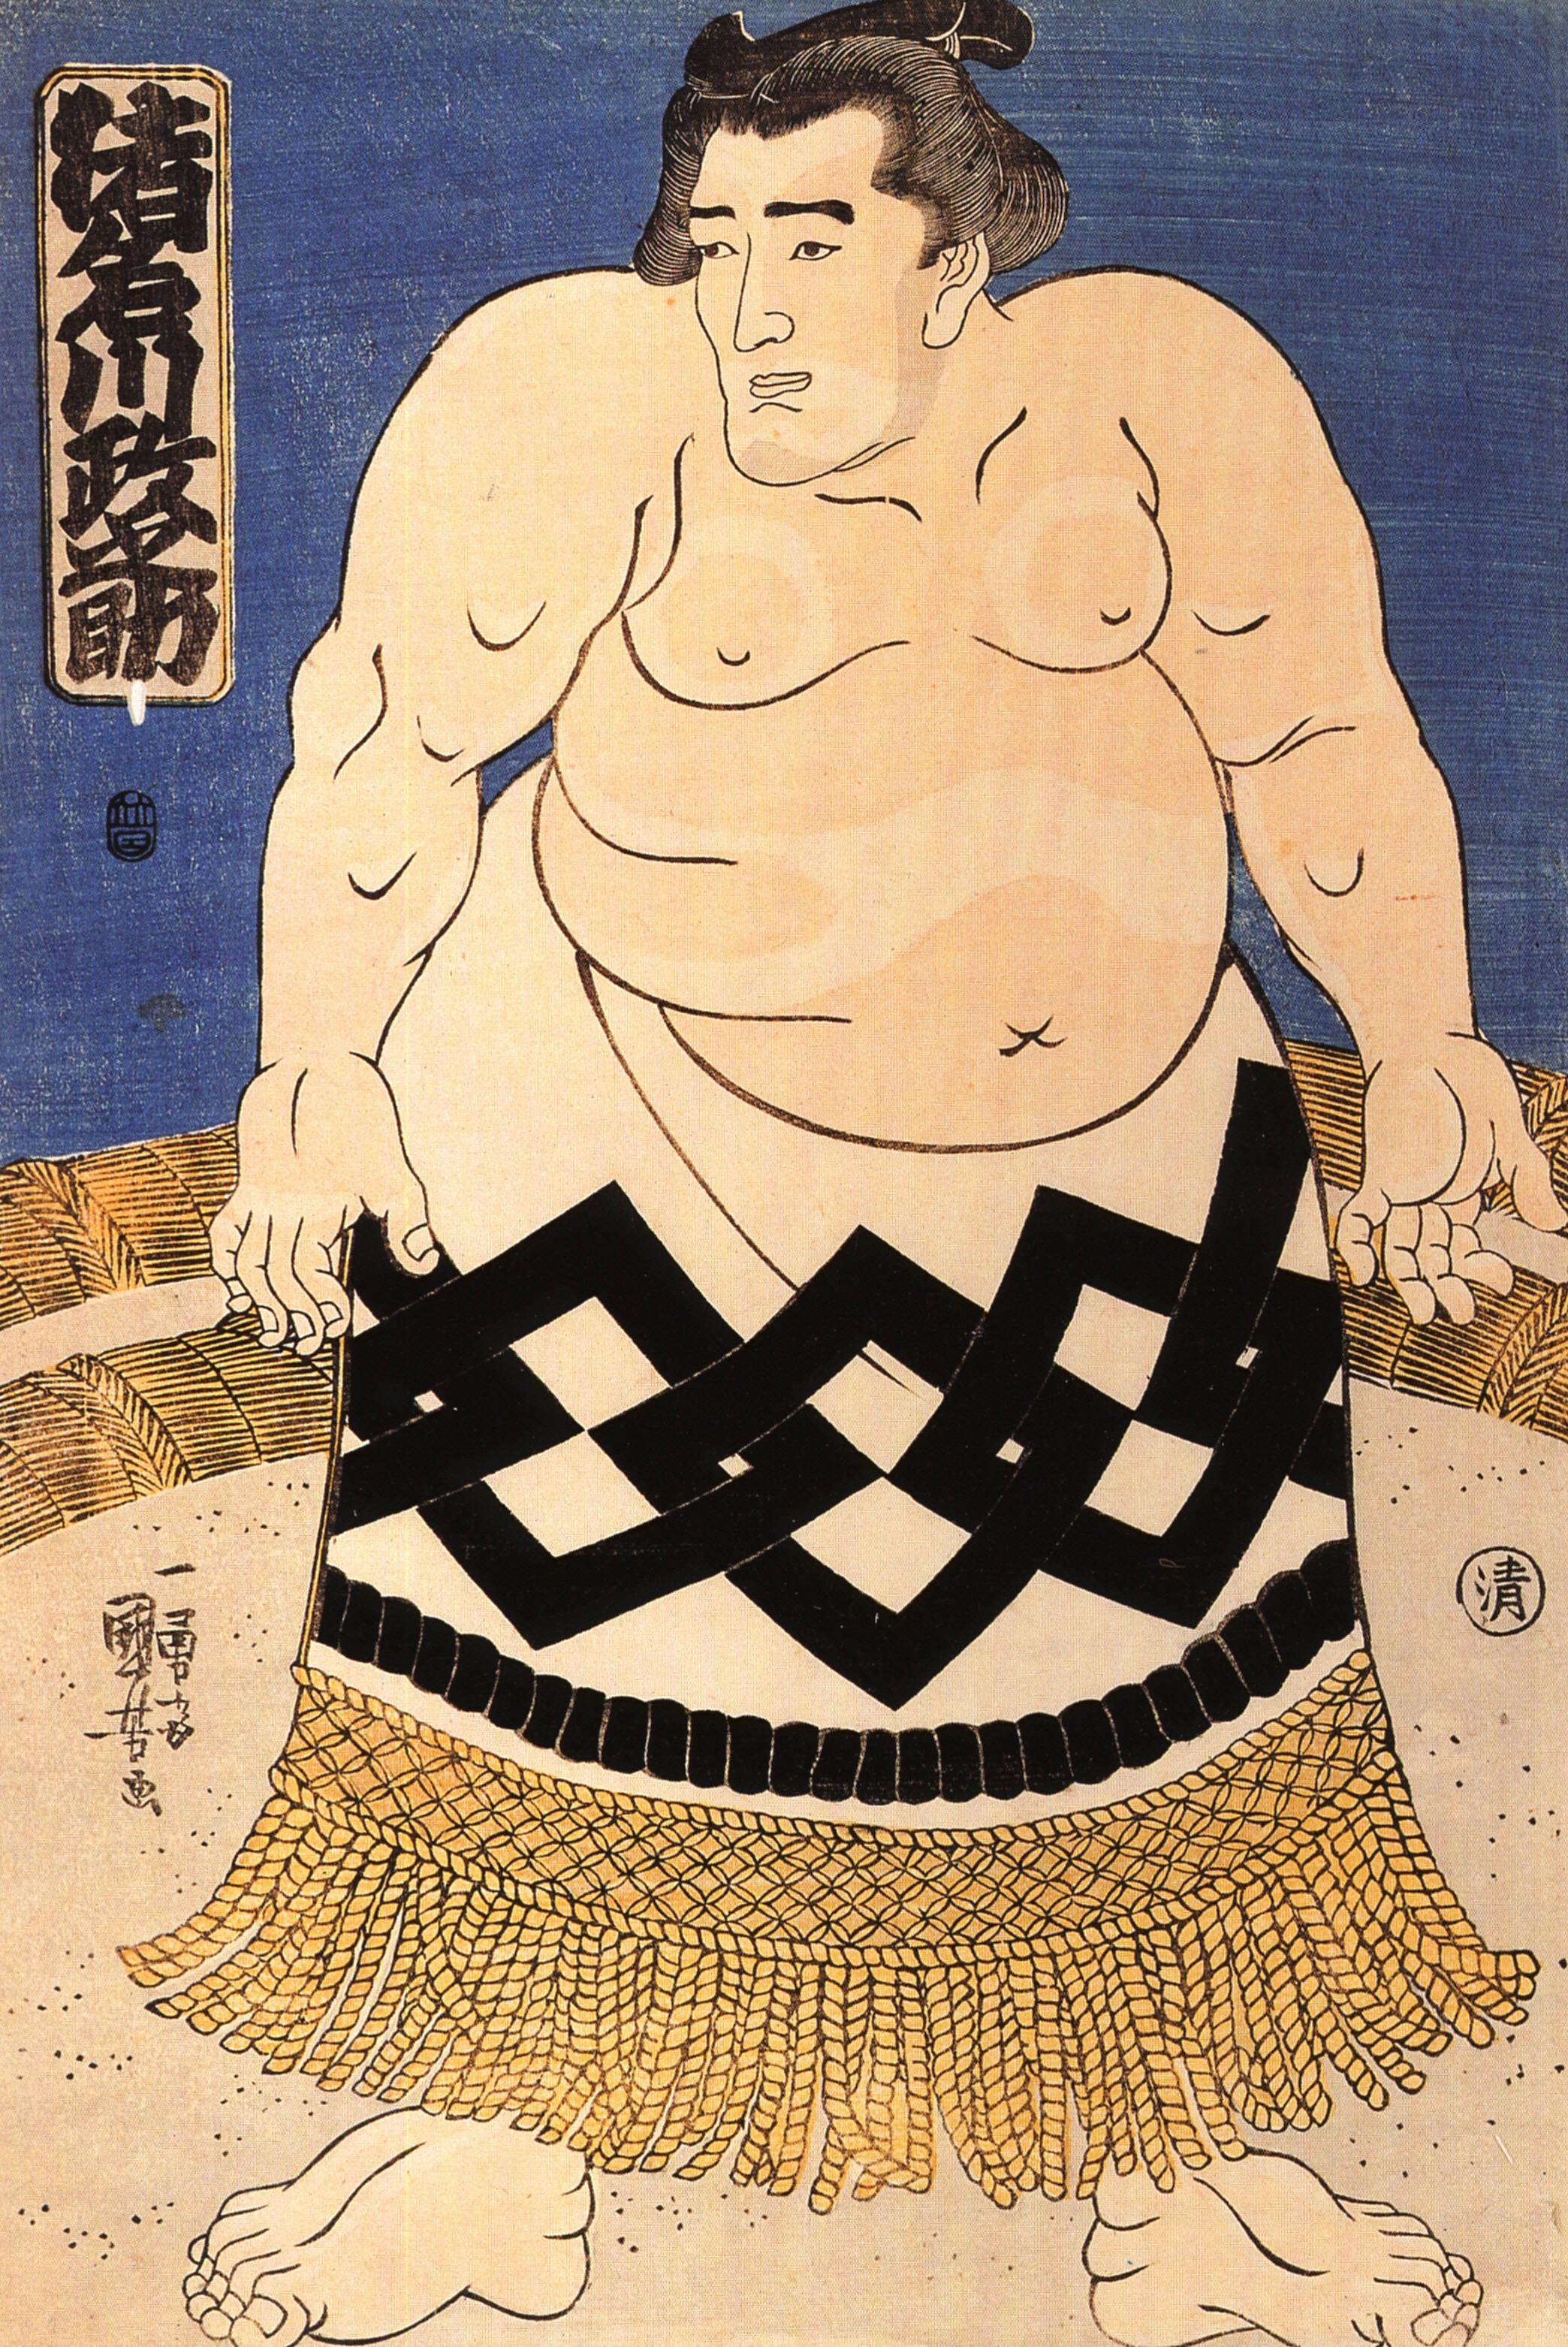 力士 - Wikipedia